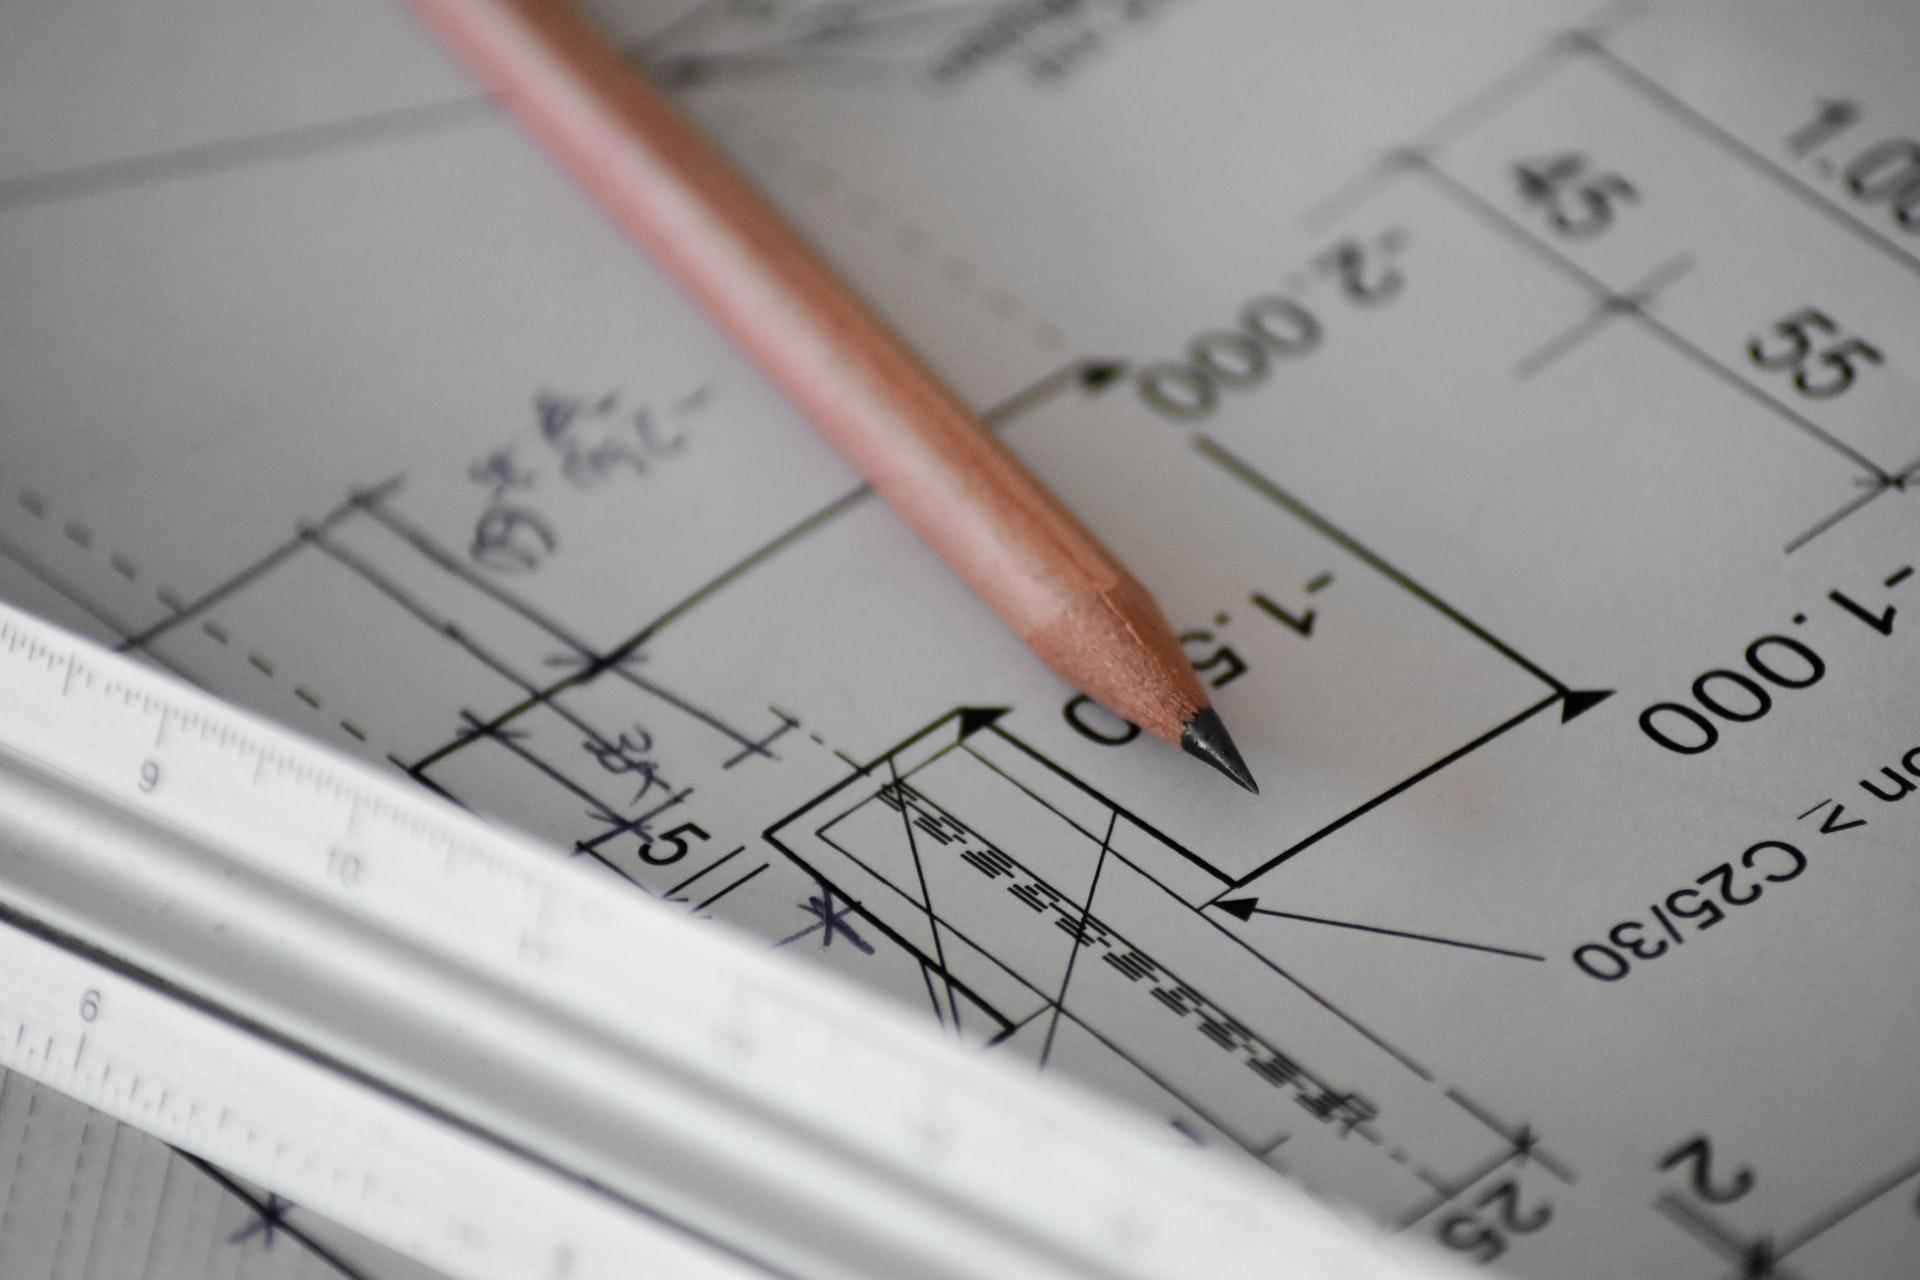 Veliko olakšanje za građevinske stručnjake: Objavljen novi alat za praćenje građevno-tehničke regulative